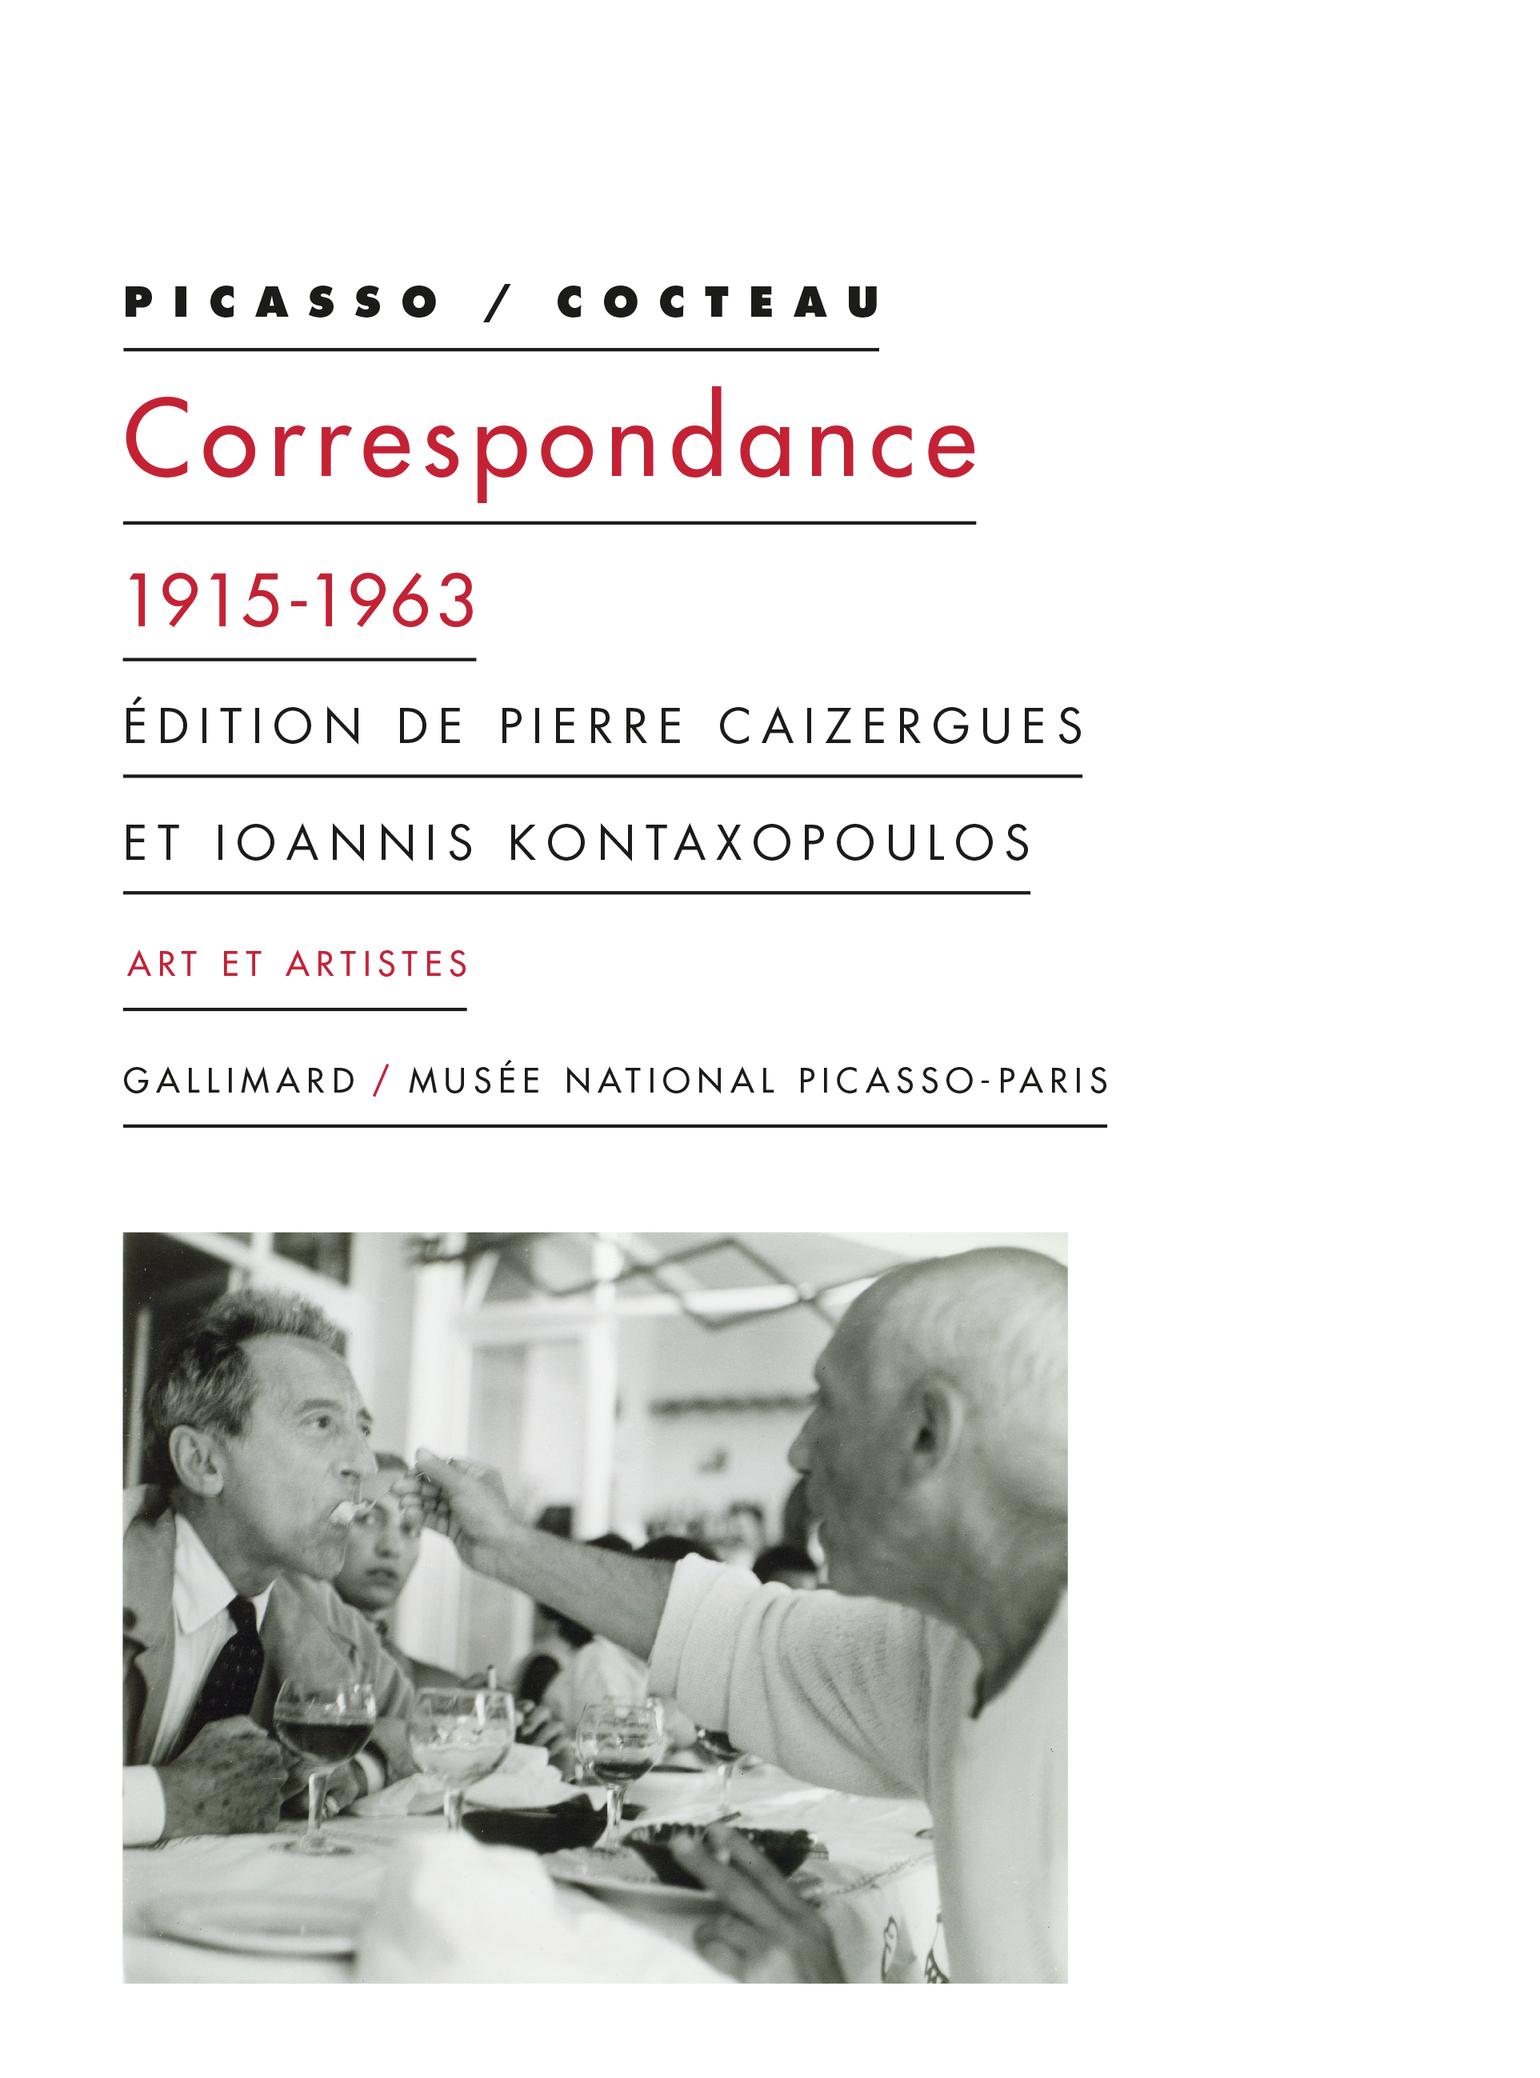 J. Cocteau, P. Picasso, Correspondance (1915-1963)